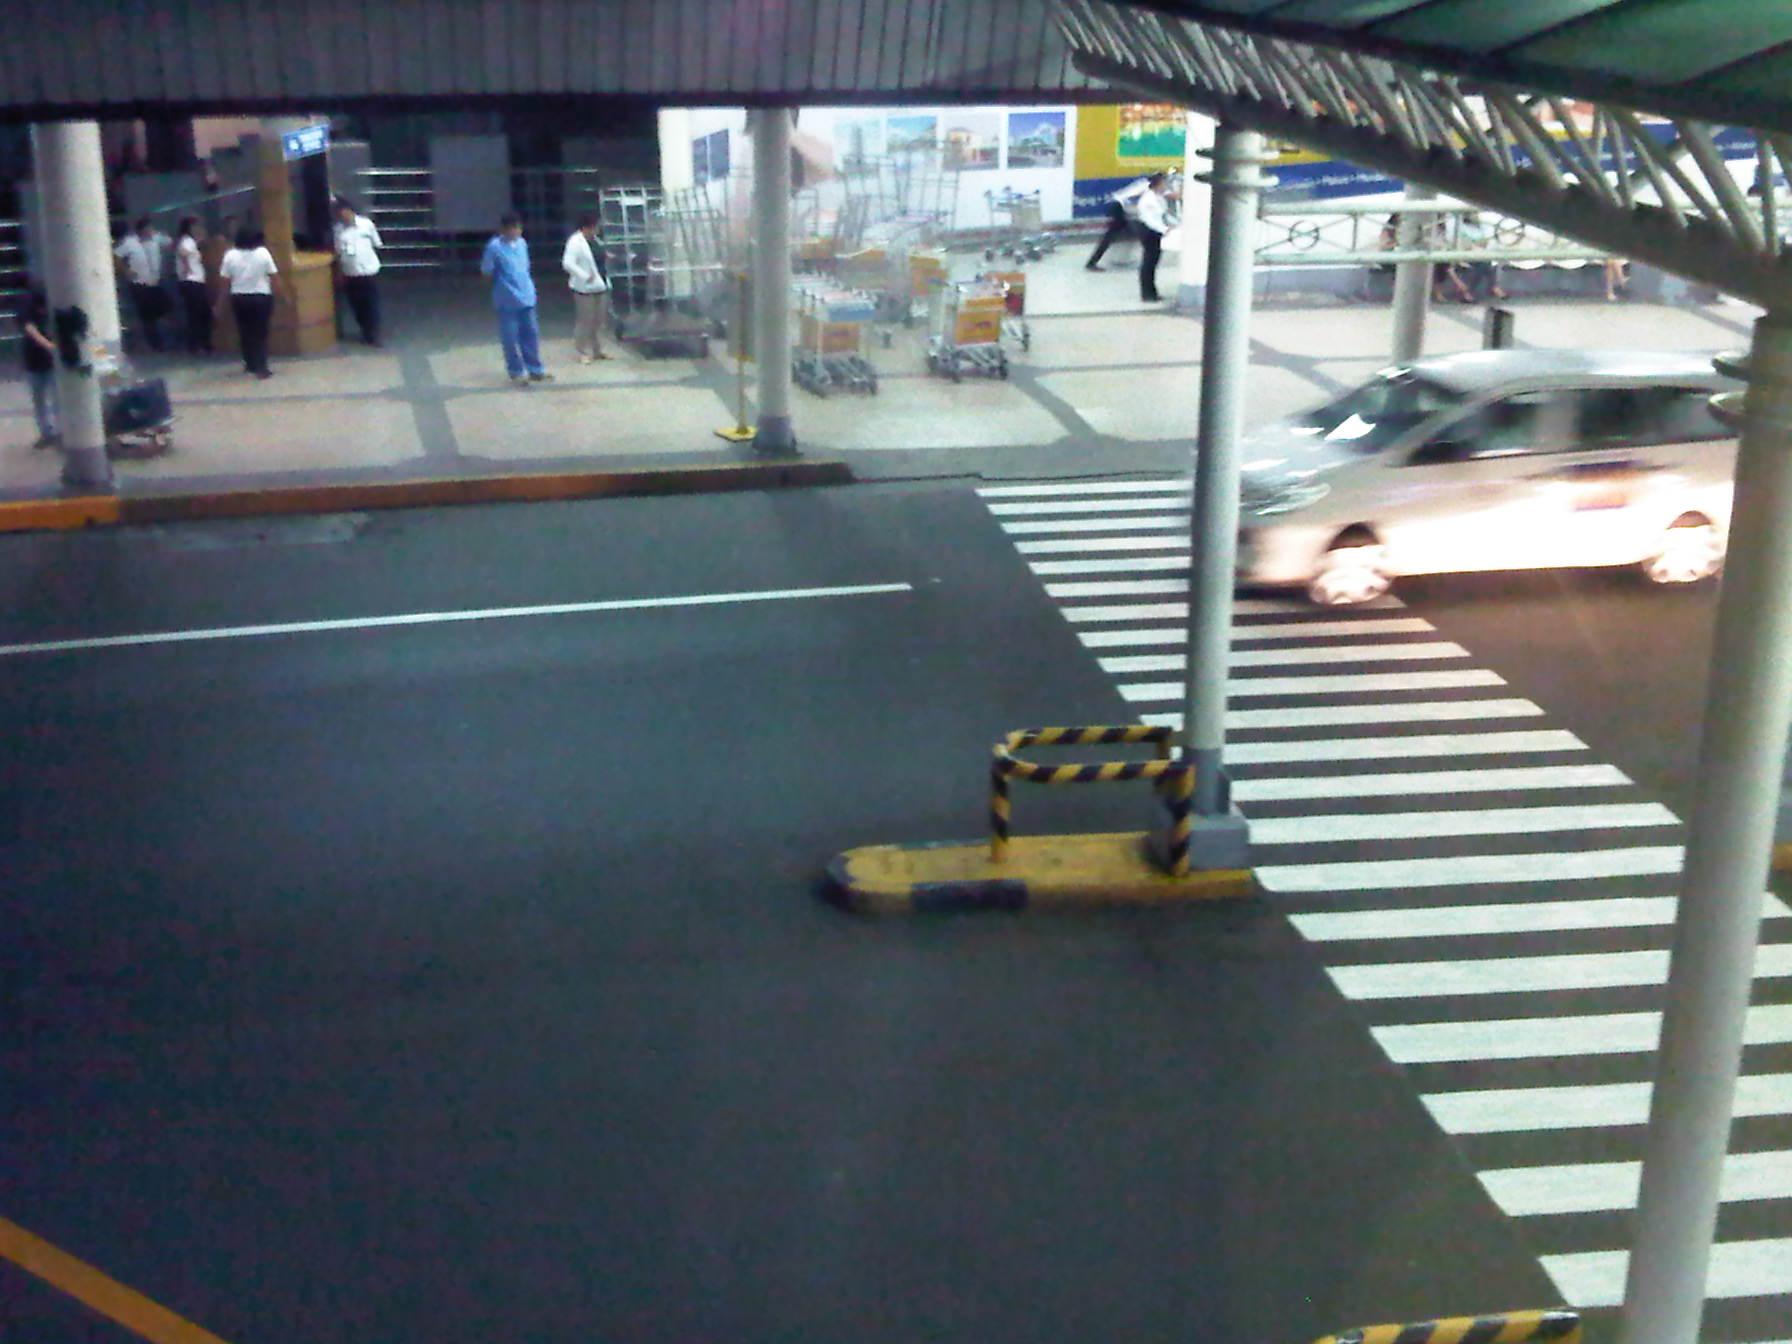 Sunduan At Naia Terminal 1 Caught Up In Traffic